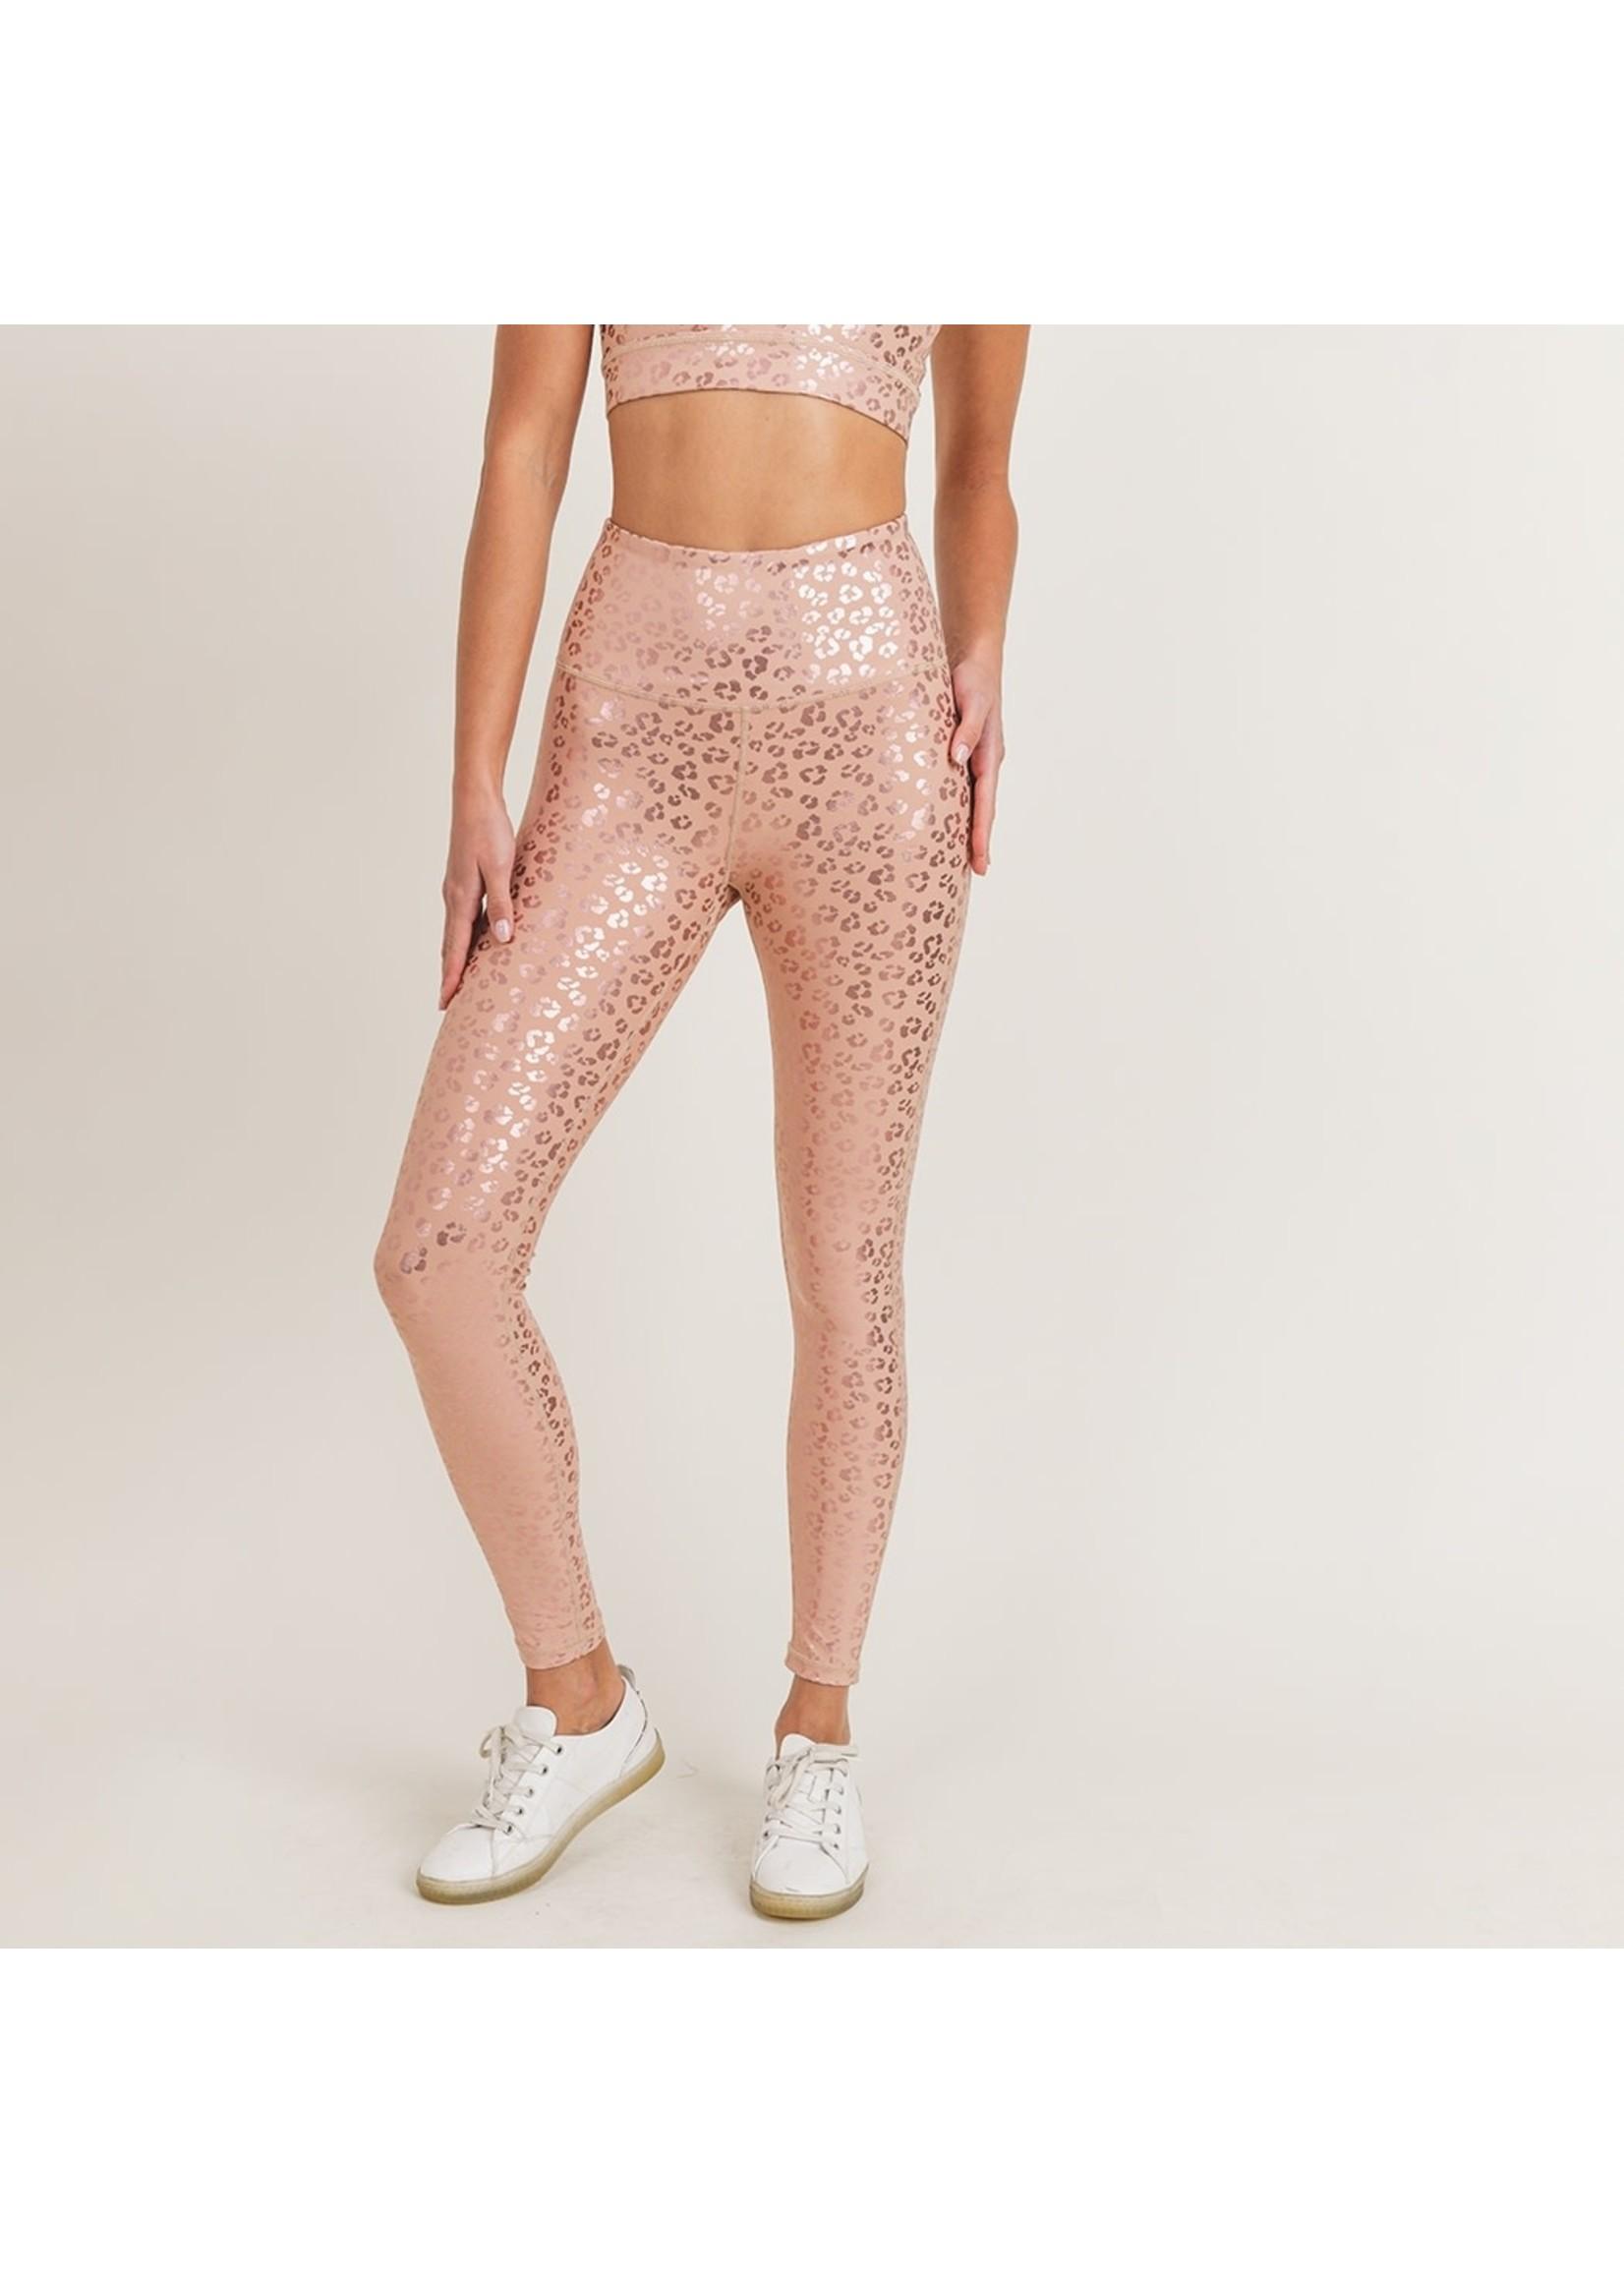 Mono B Pink Leopard Shimmer Foil Leggings